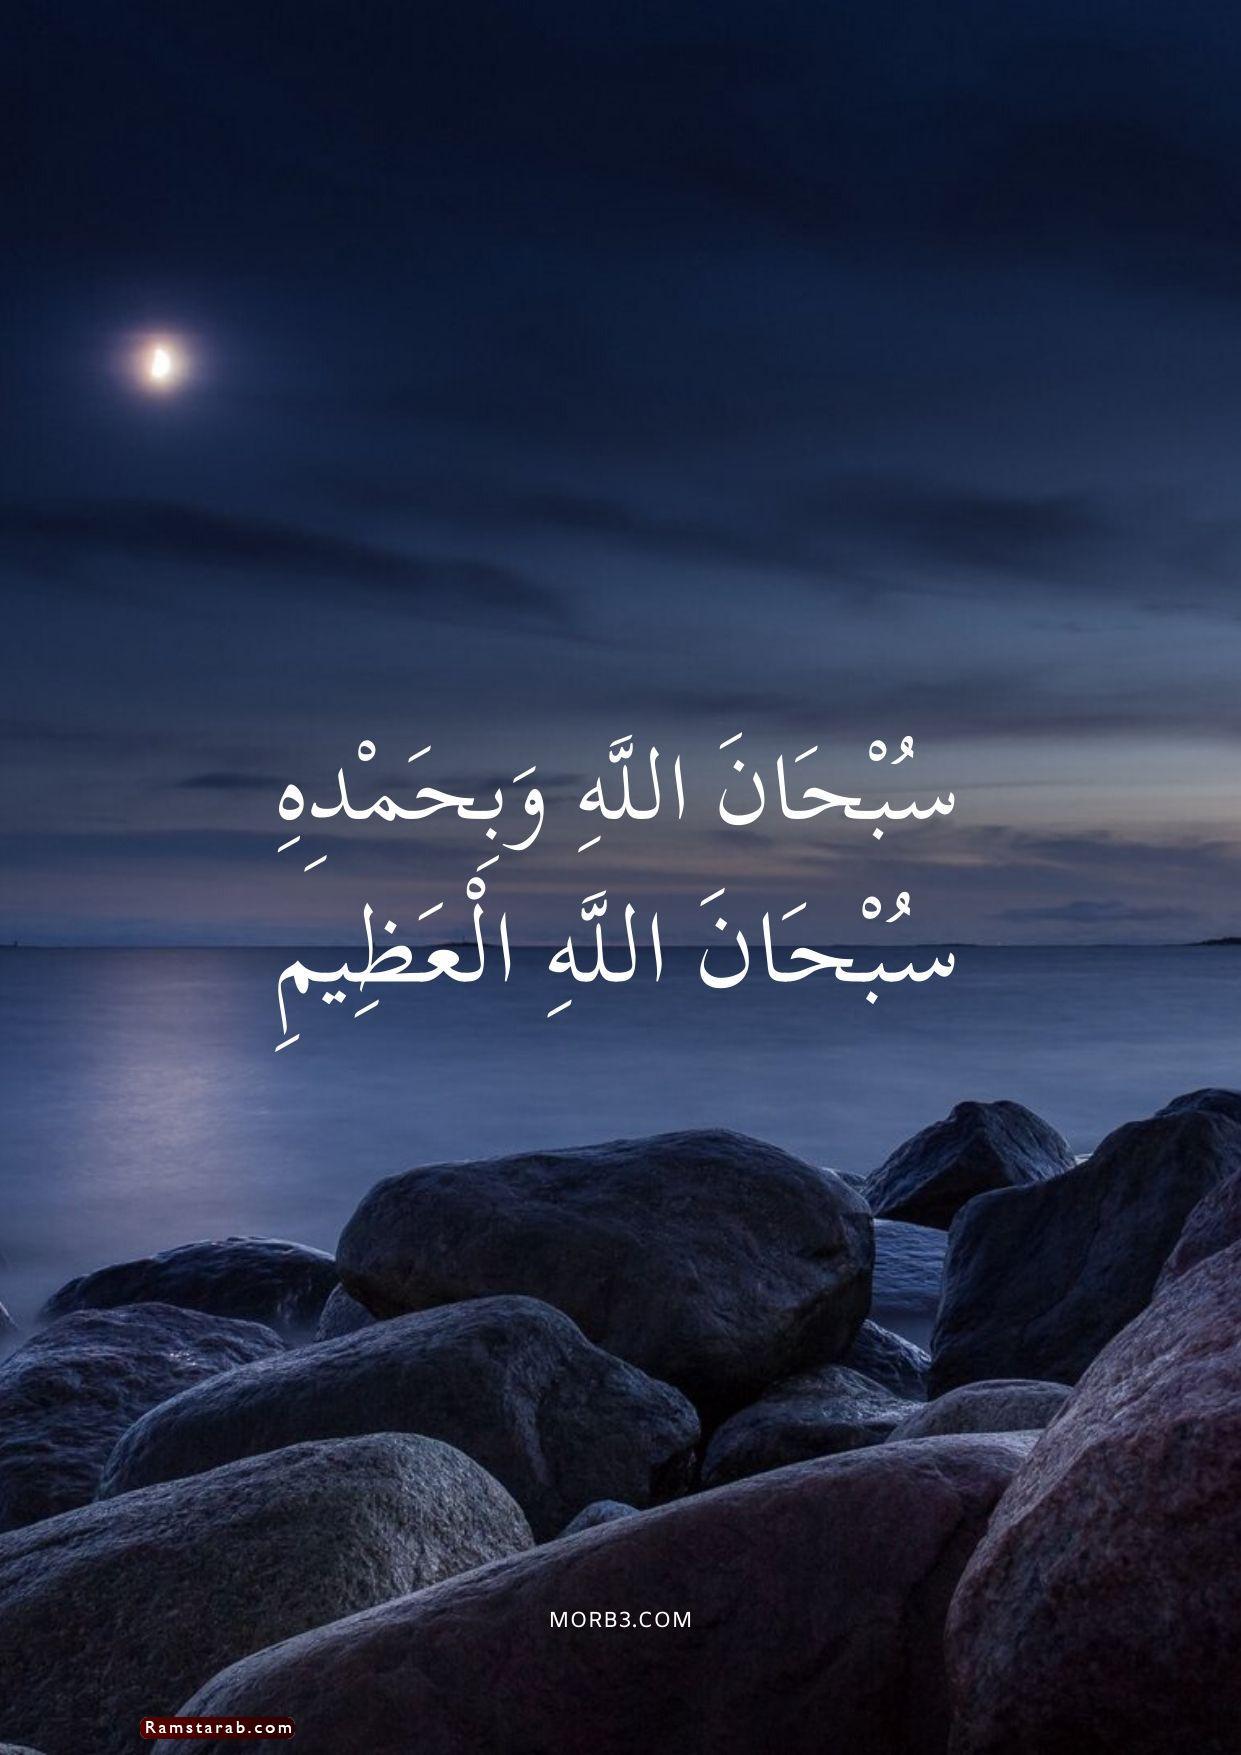 صور سبحان الله العظيم23